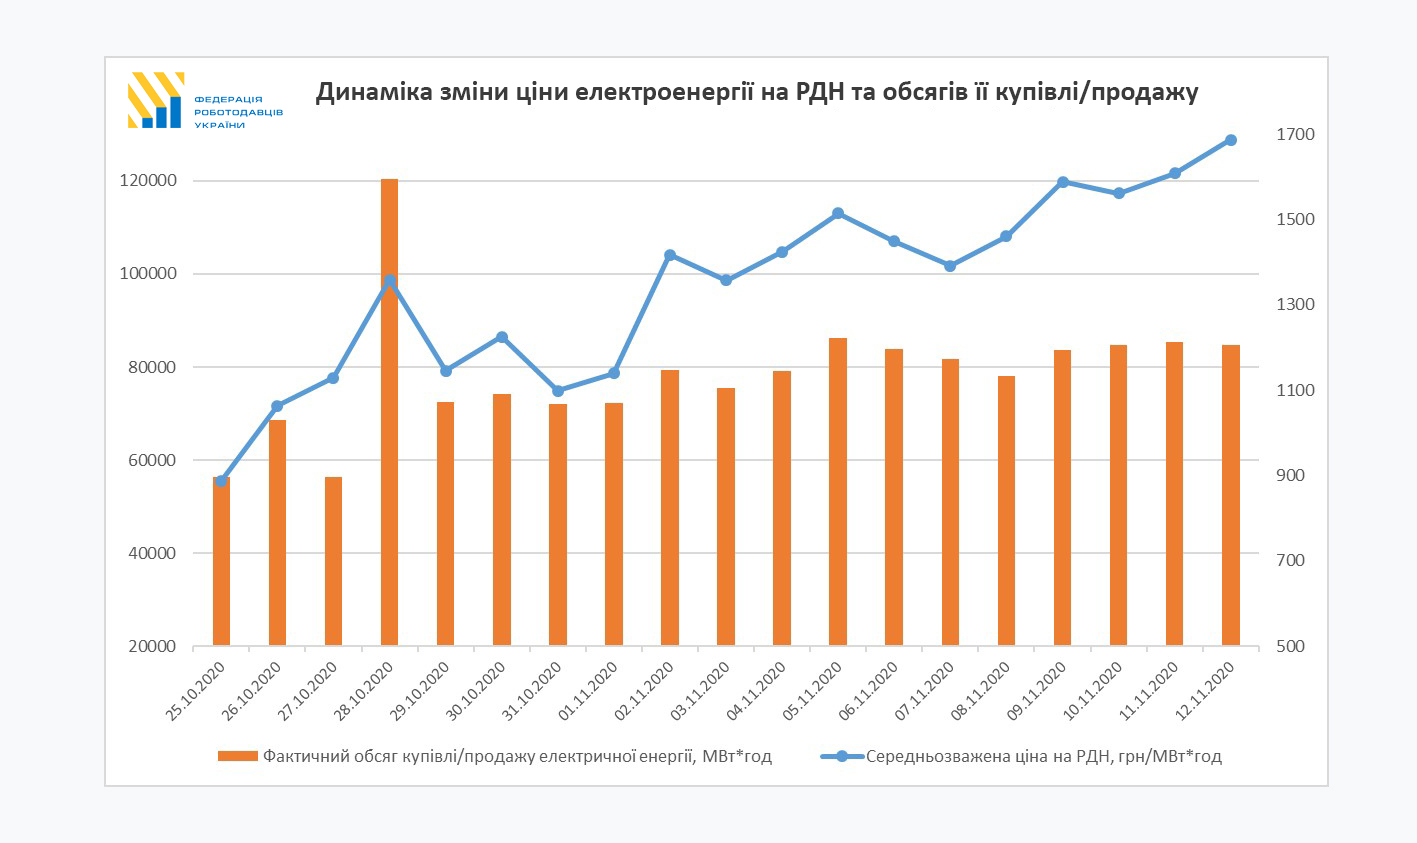 За две недели стоимость электроэнергии для промышленности выросла в 2 раза - фото 2